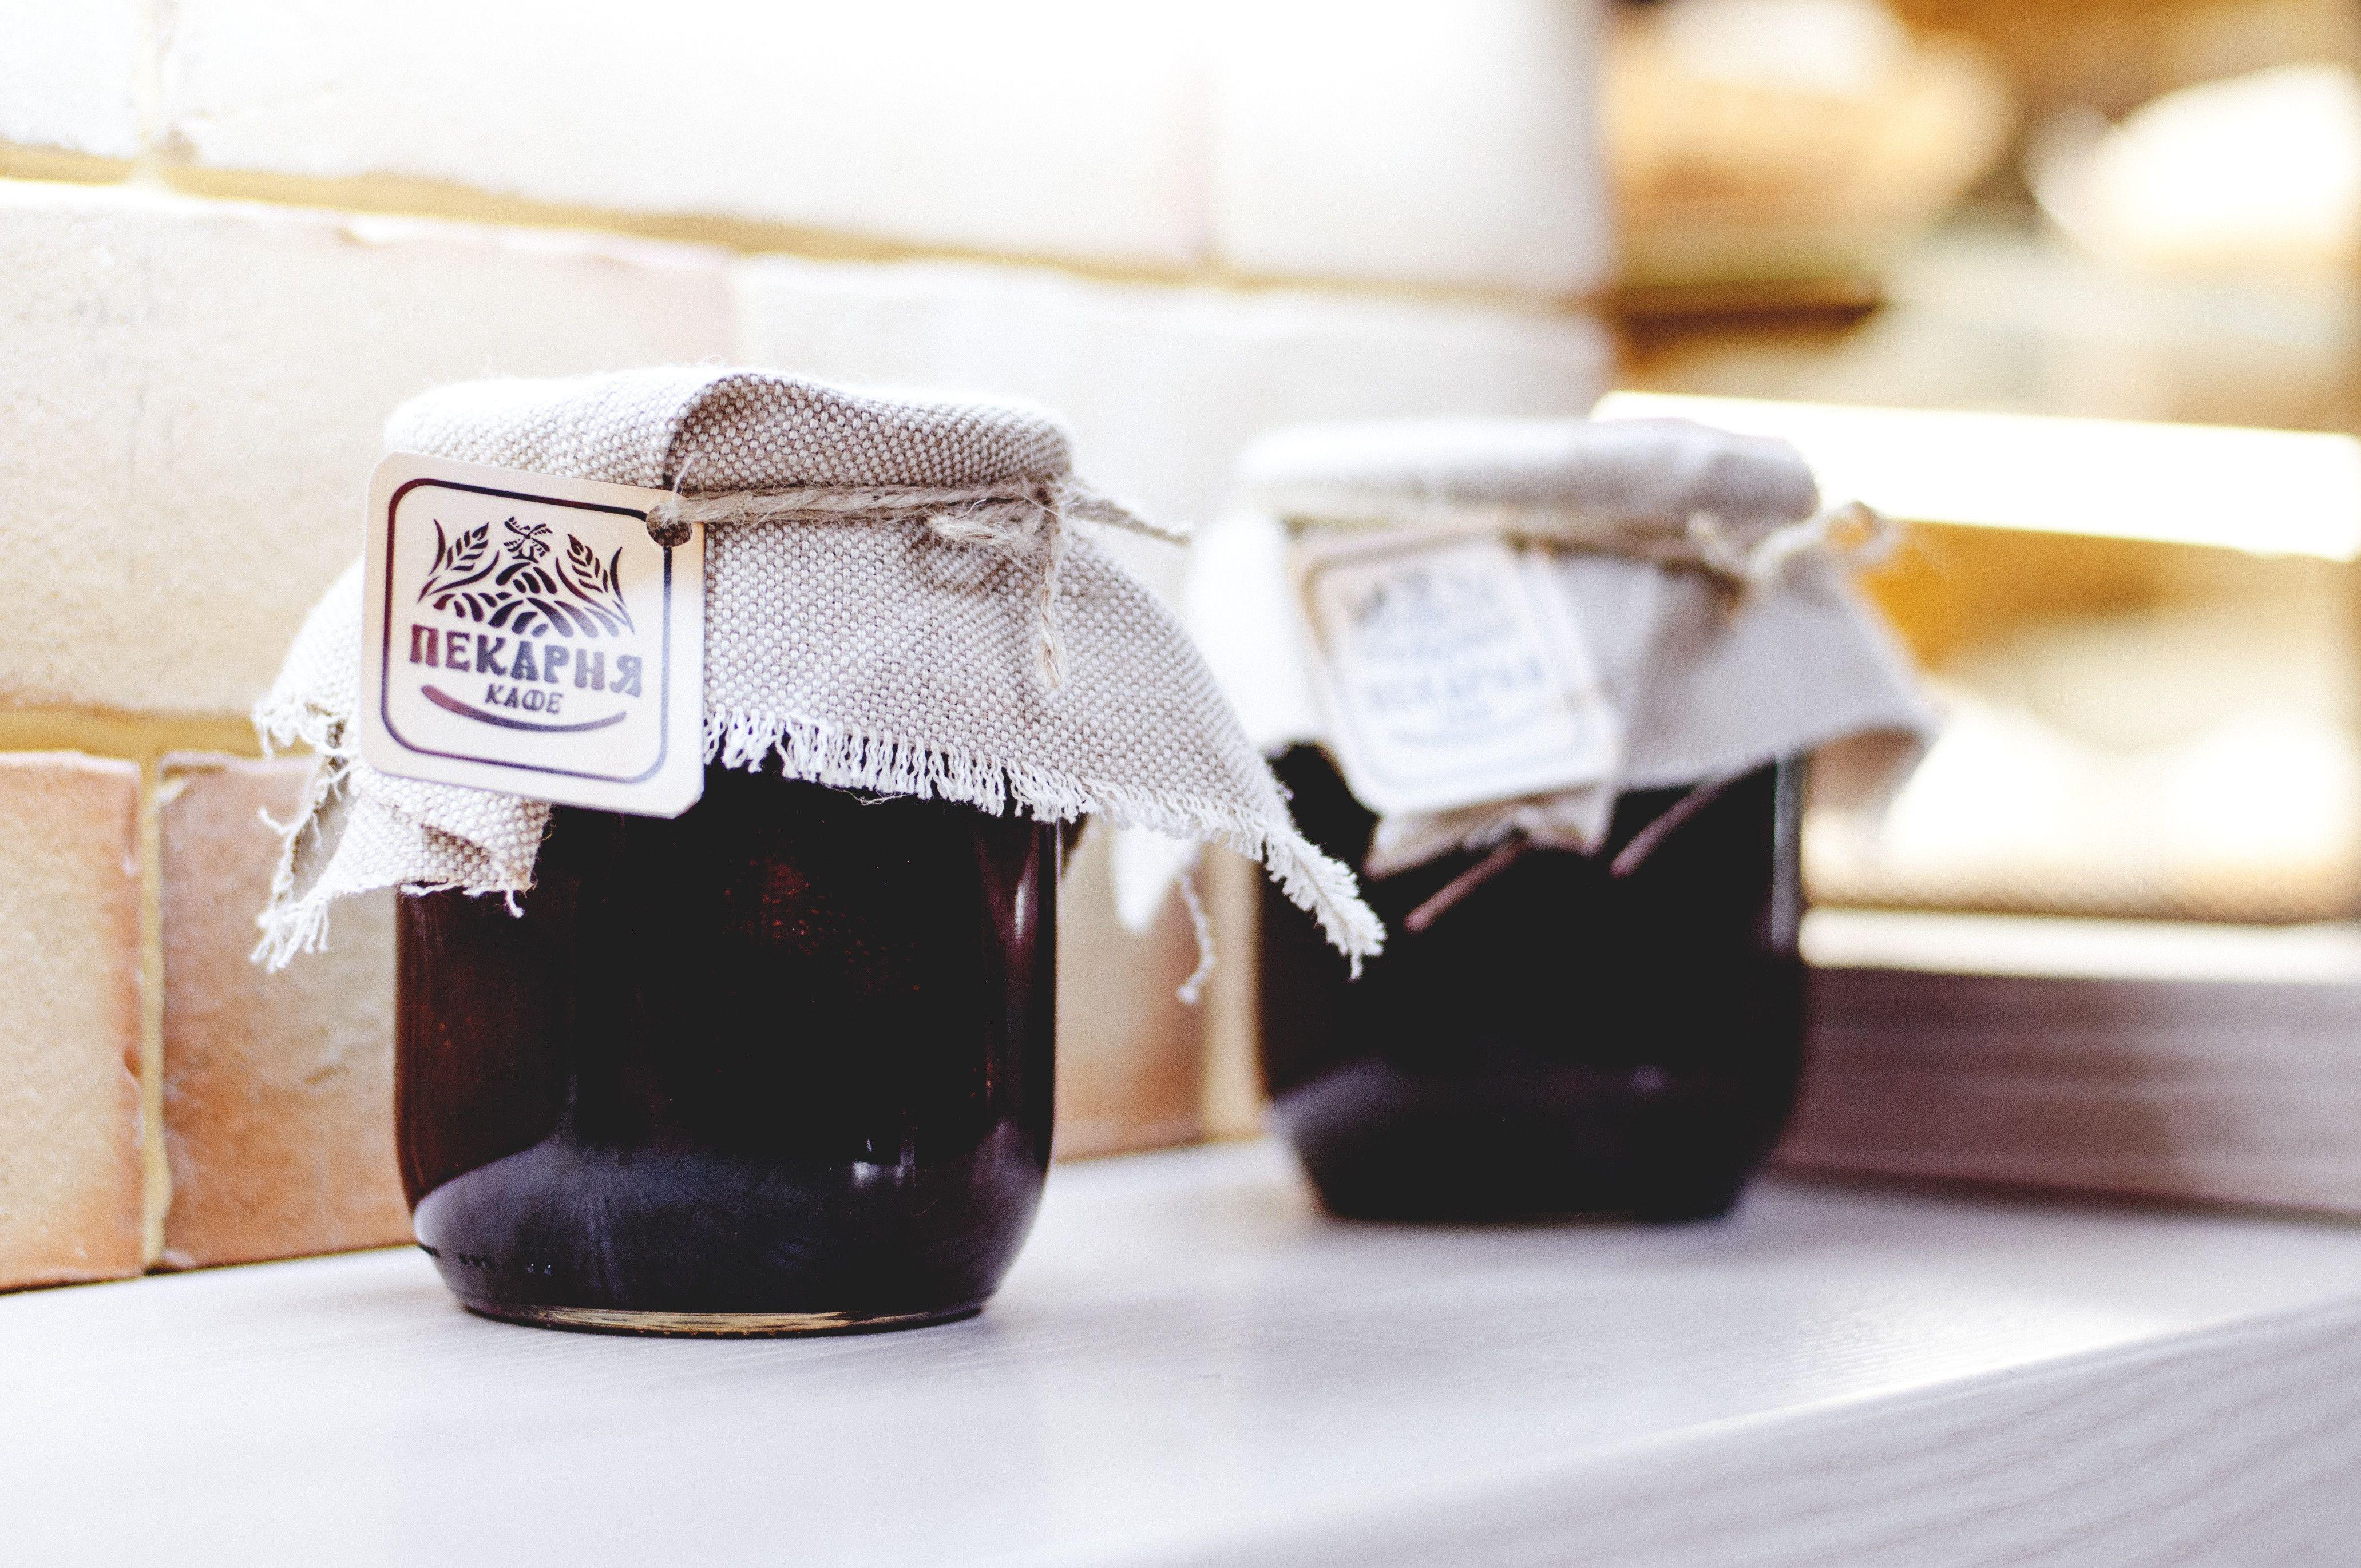 Home made jam bottles